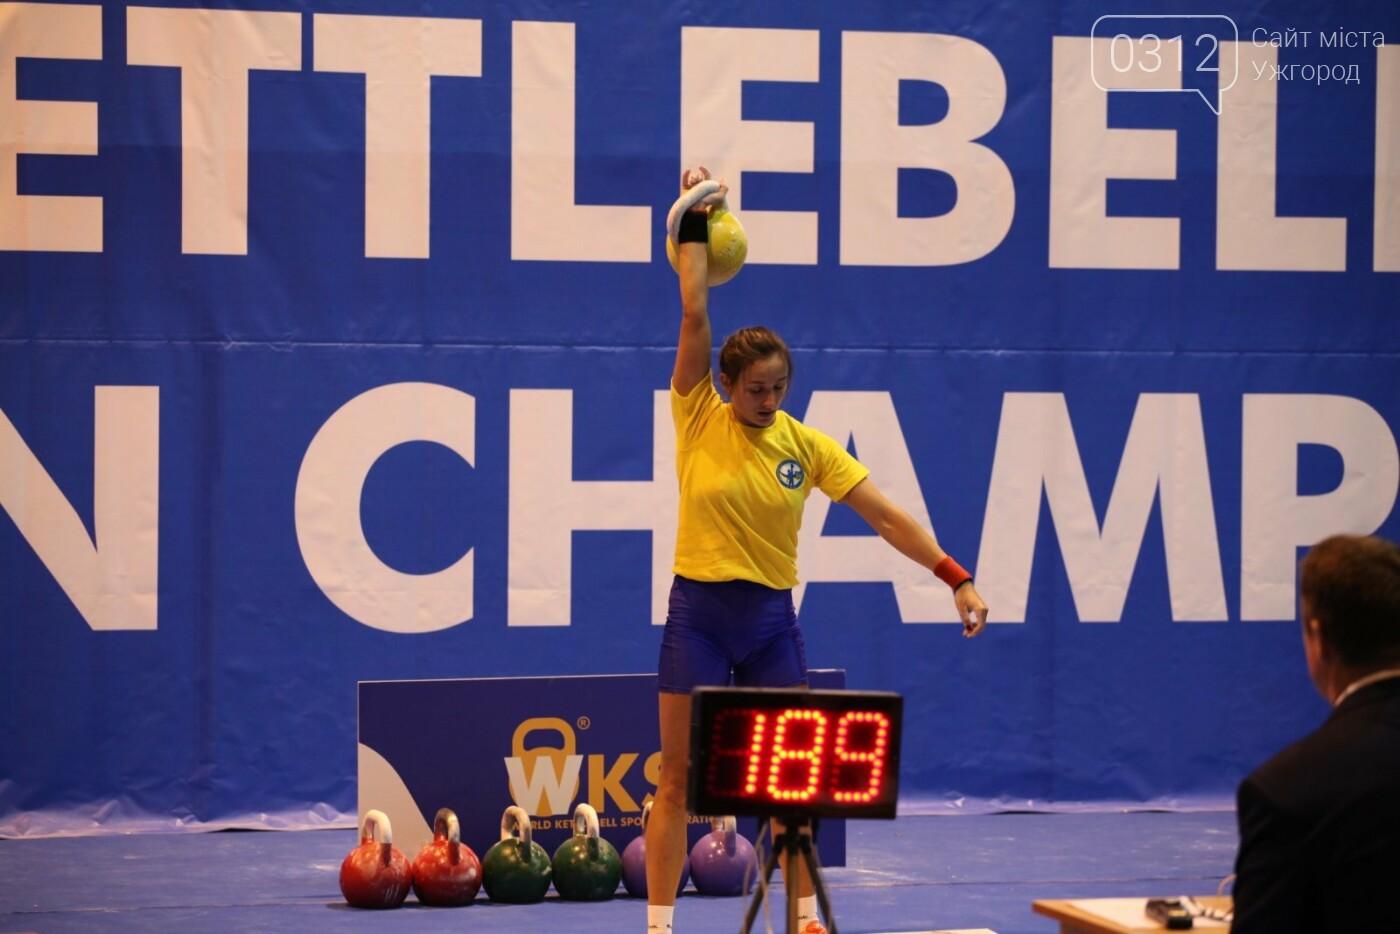 Троє закарпатців вибороли золото на Чемпіонаті Європи з гирьового спорту (ФОТО), фото-8